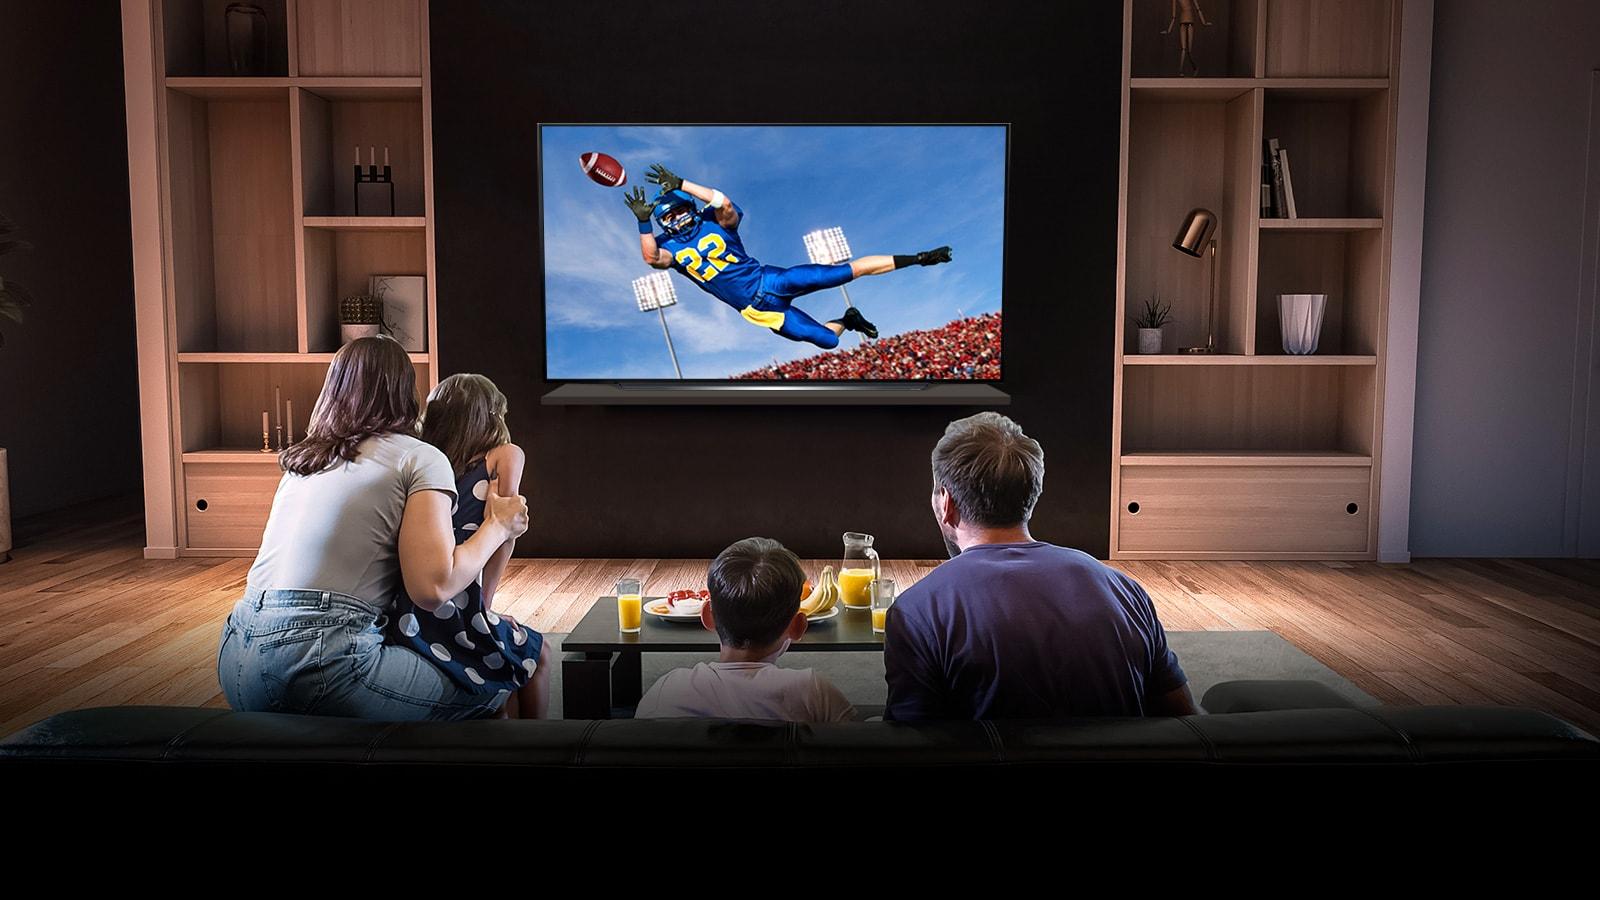 Gente mirando un partido del Tottenham en el televisor del salón